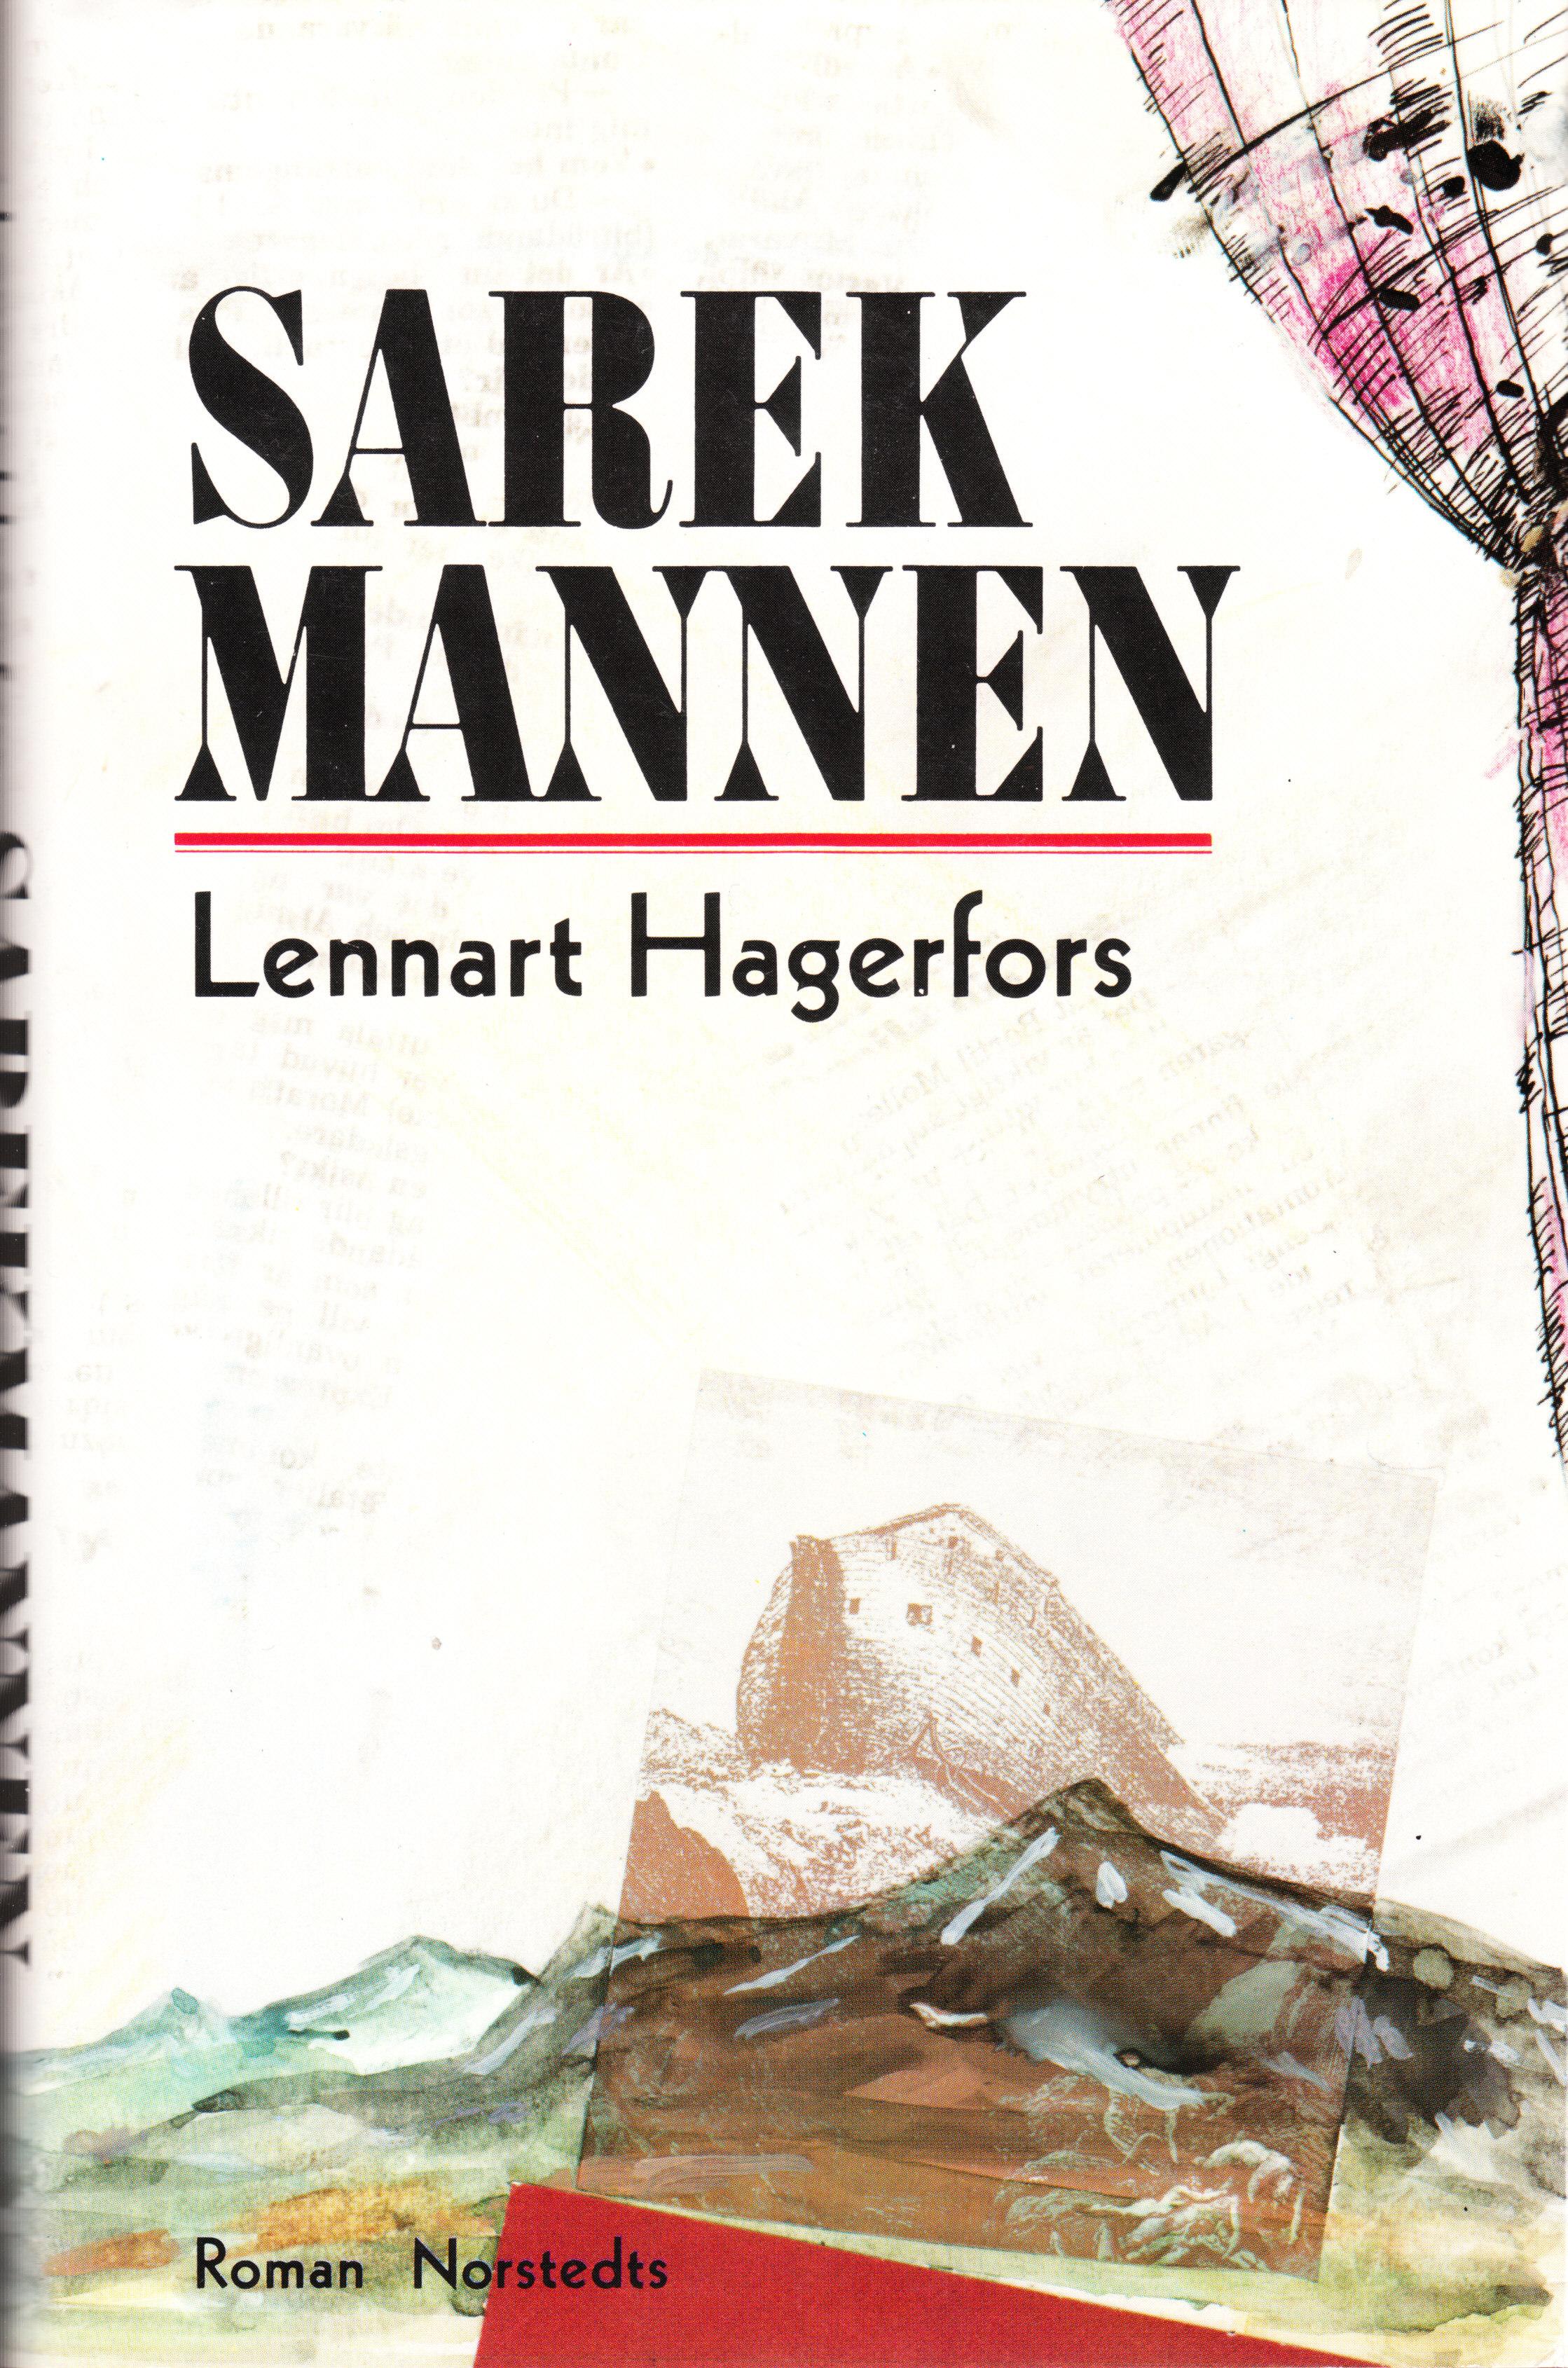 Sarekmannen Lennart Hagerfors